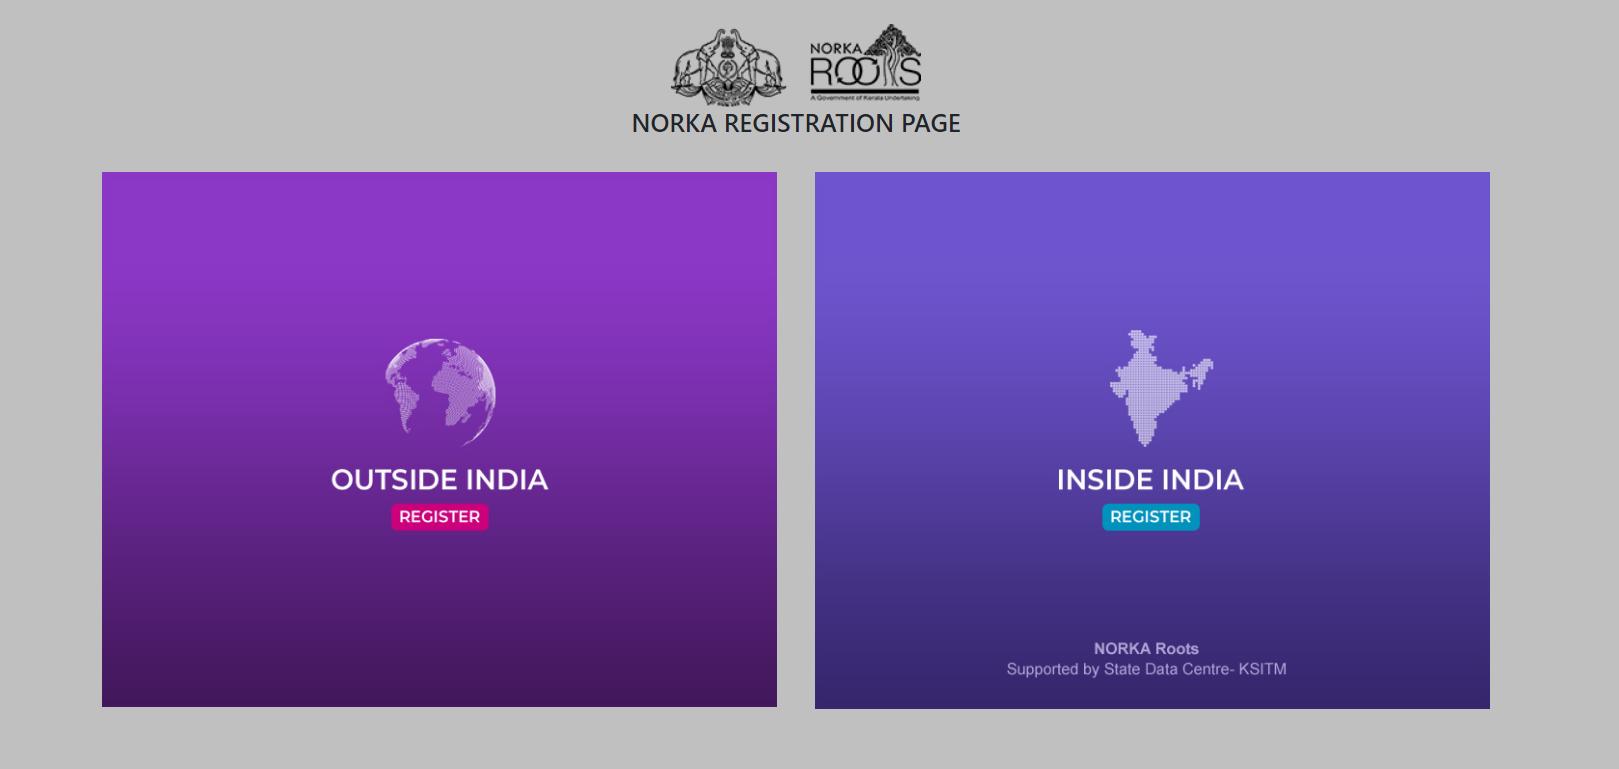 non resident keralites website register online